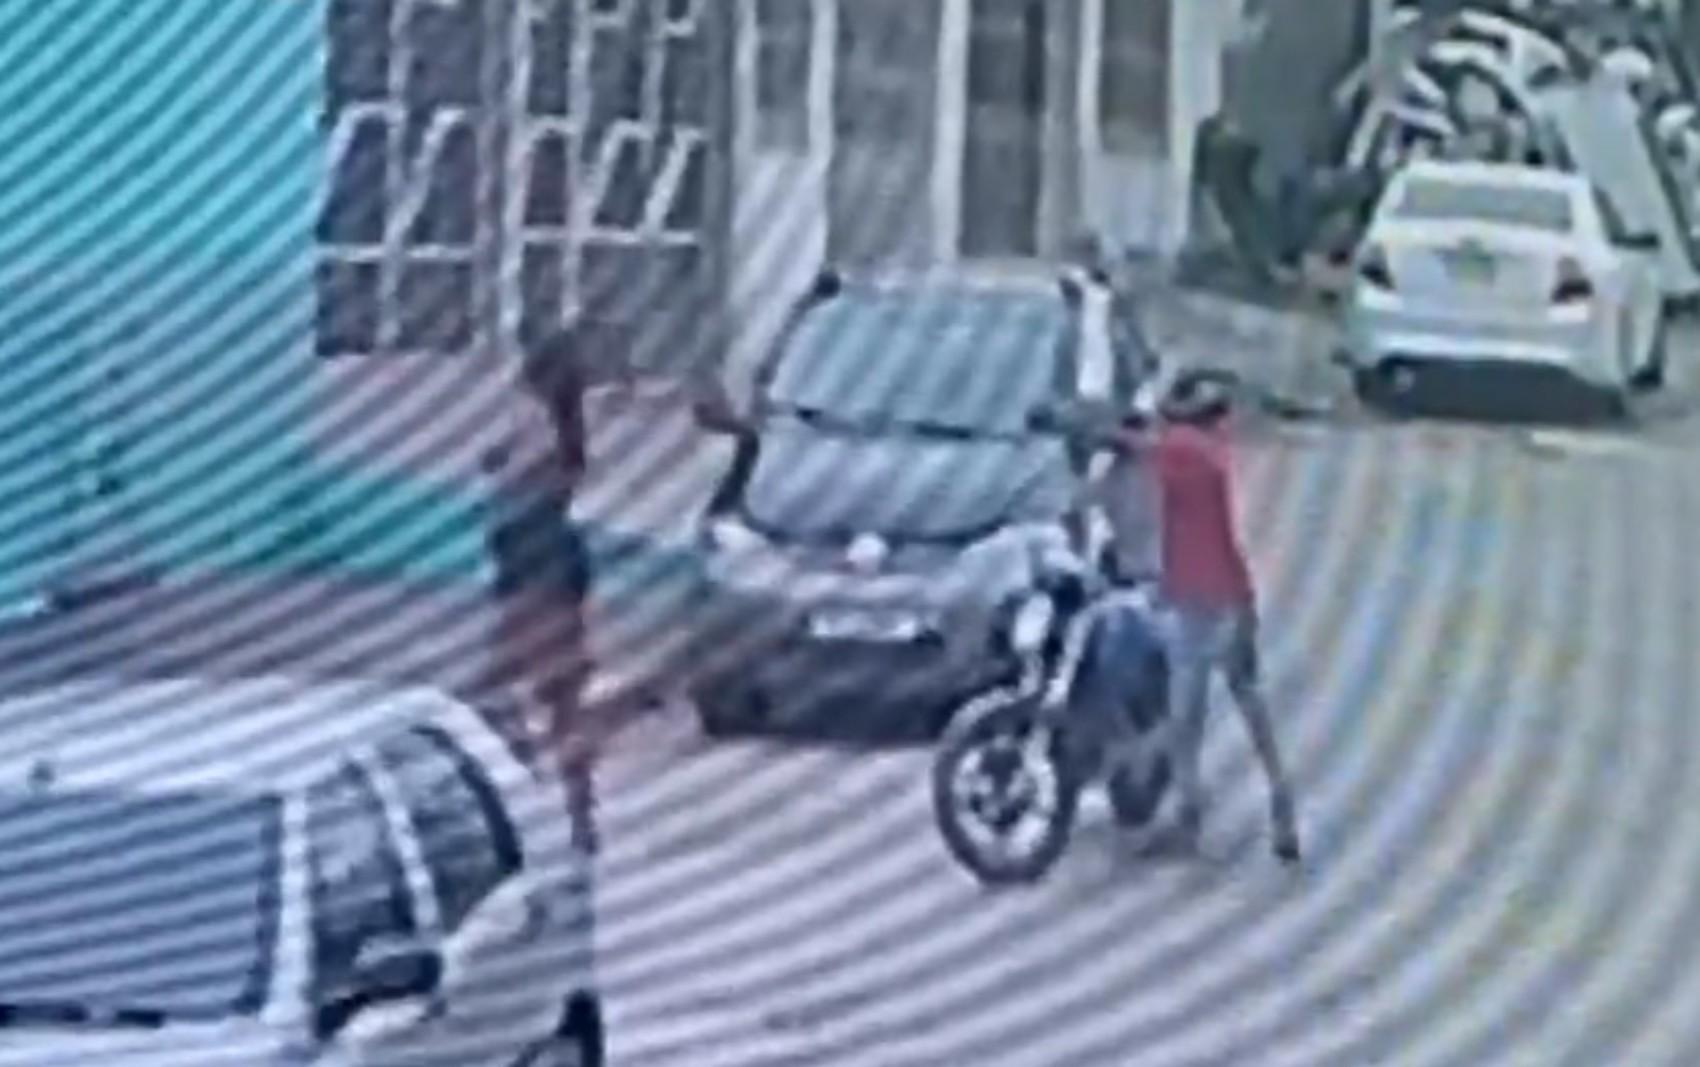 VÍDEO: Câmera de segurança flagra momento em que dançarina é morta a tiros em Feira de Santana